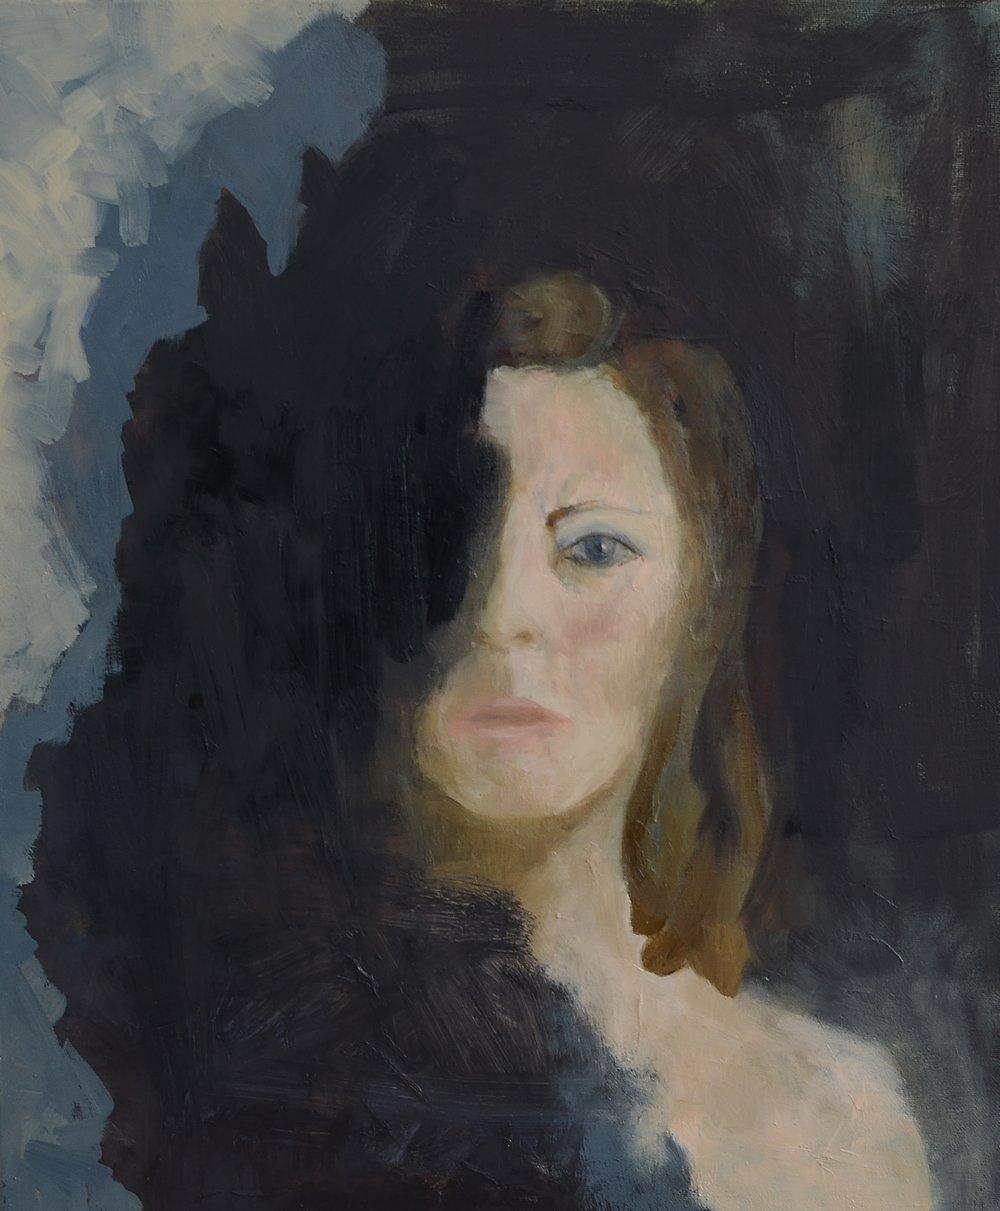 Portrait in Winter, Neta Goren